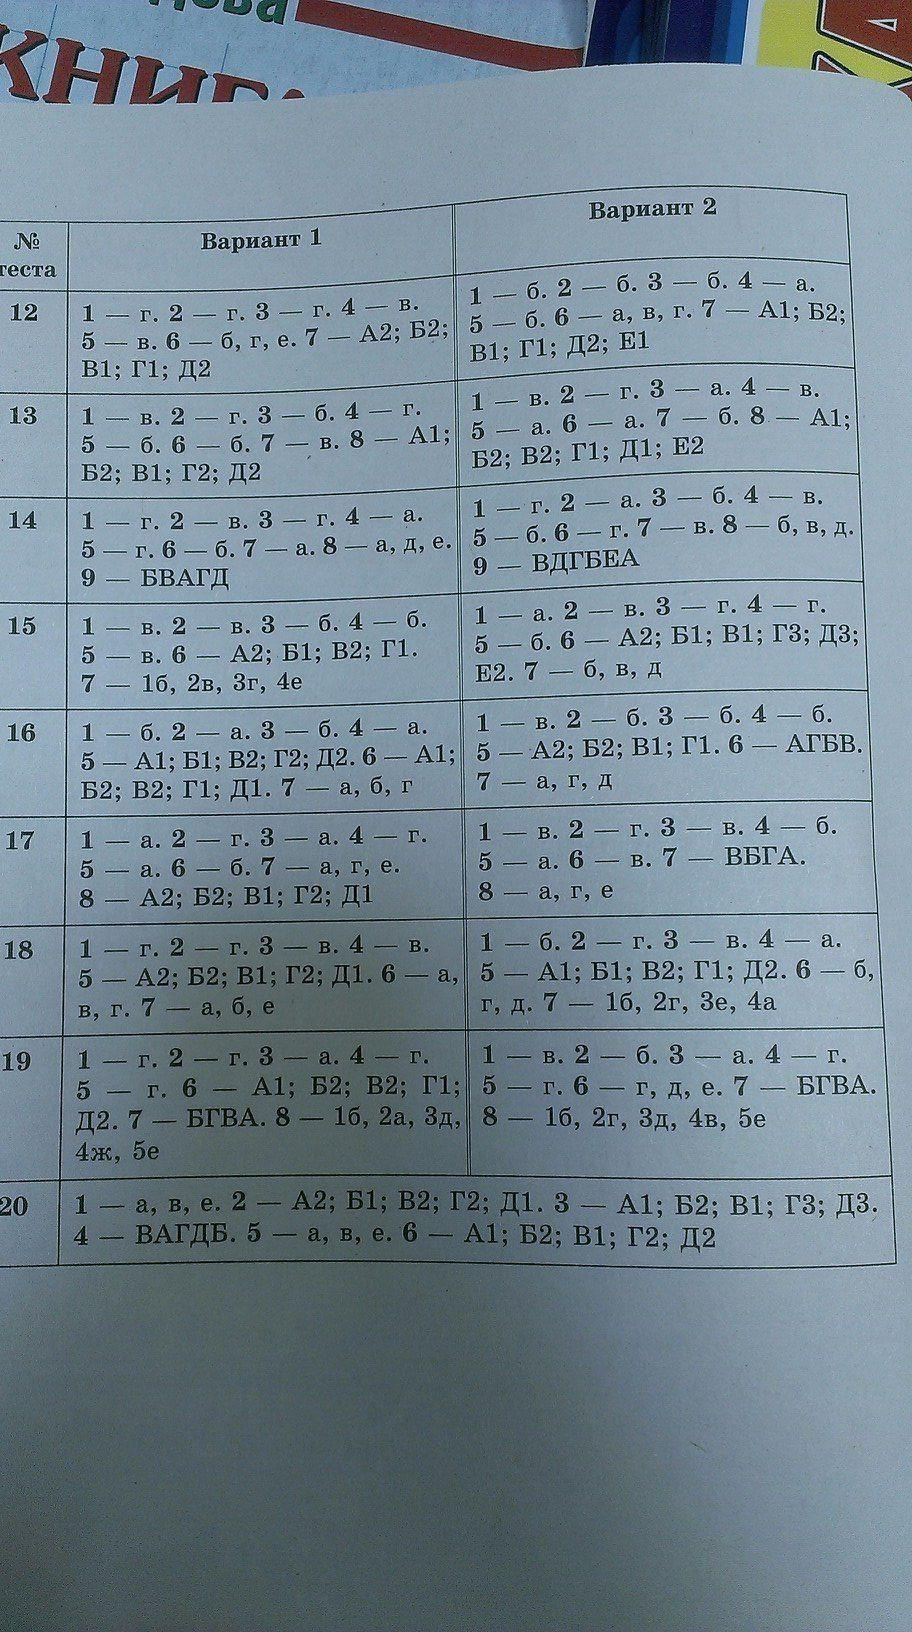 Ответы на тесты по биологии 8 класс гекалюк м.с 2017 год